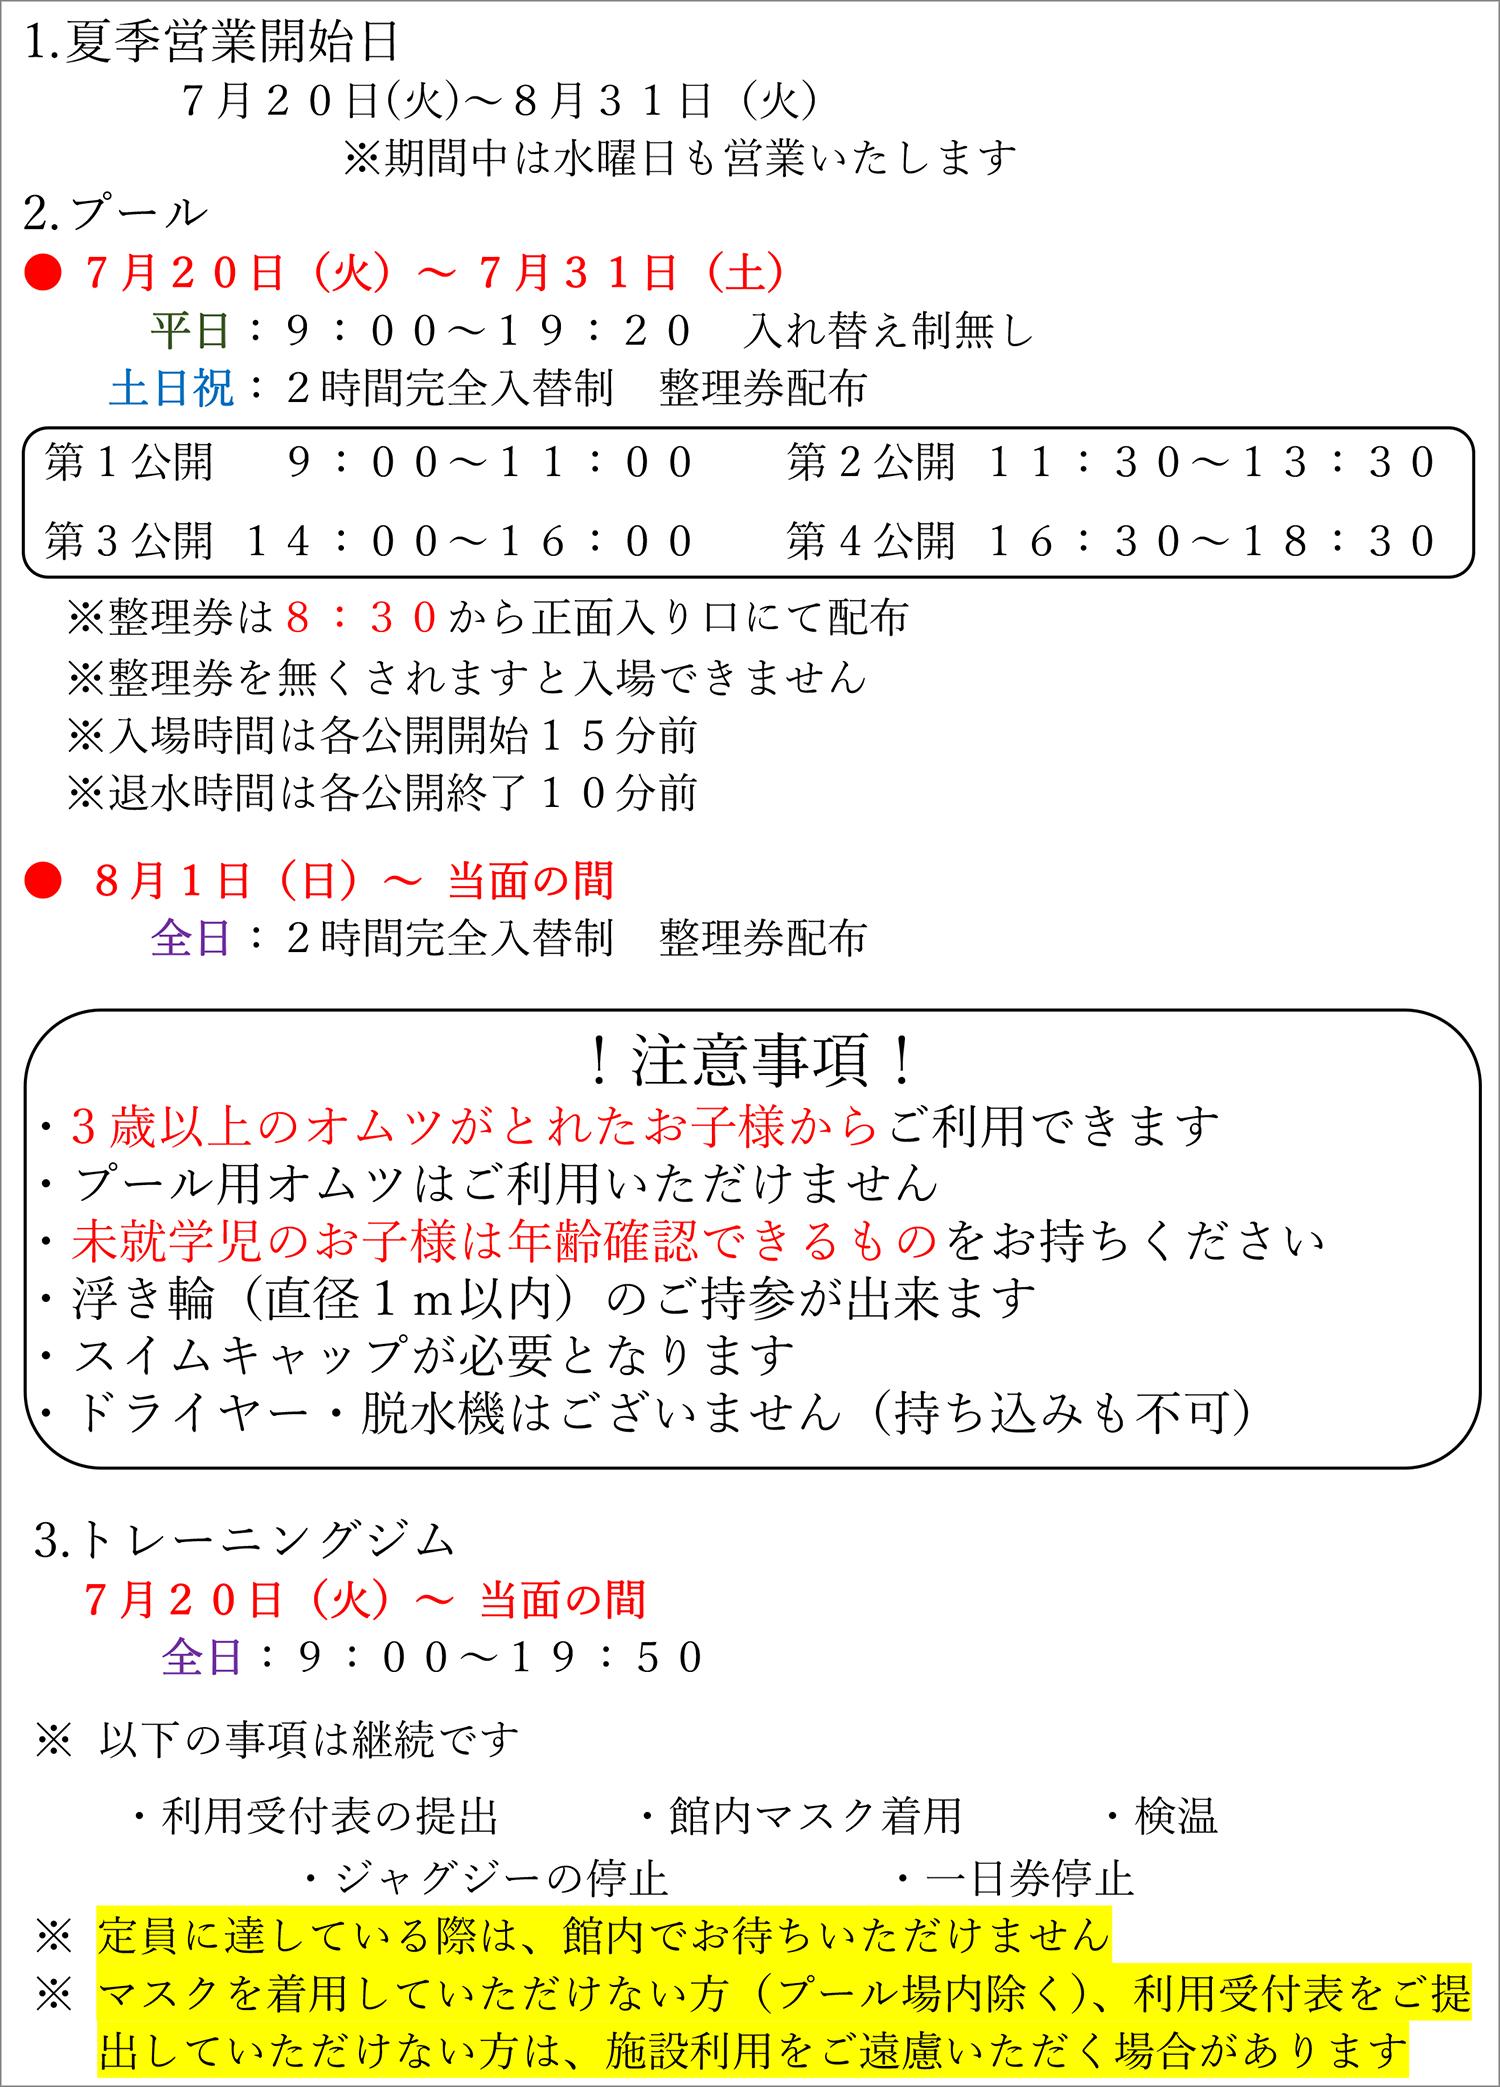 7月20日(火)より夏季営業